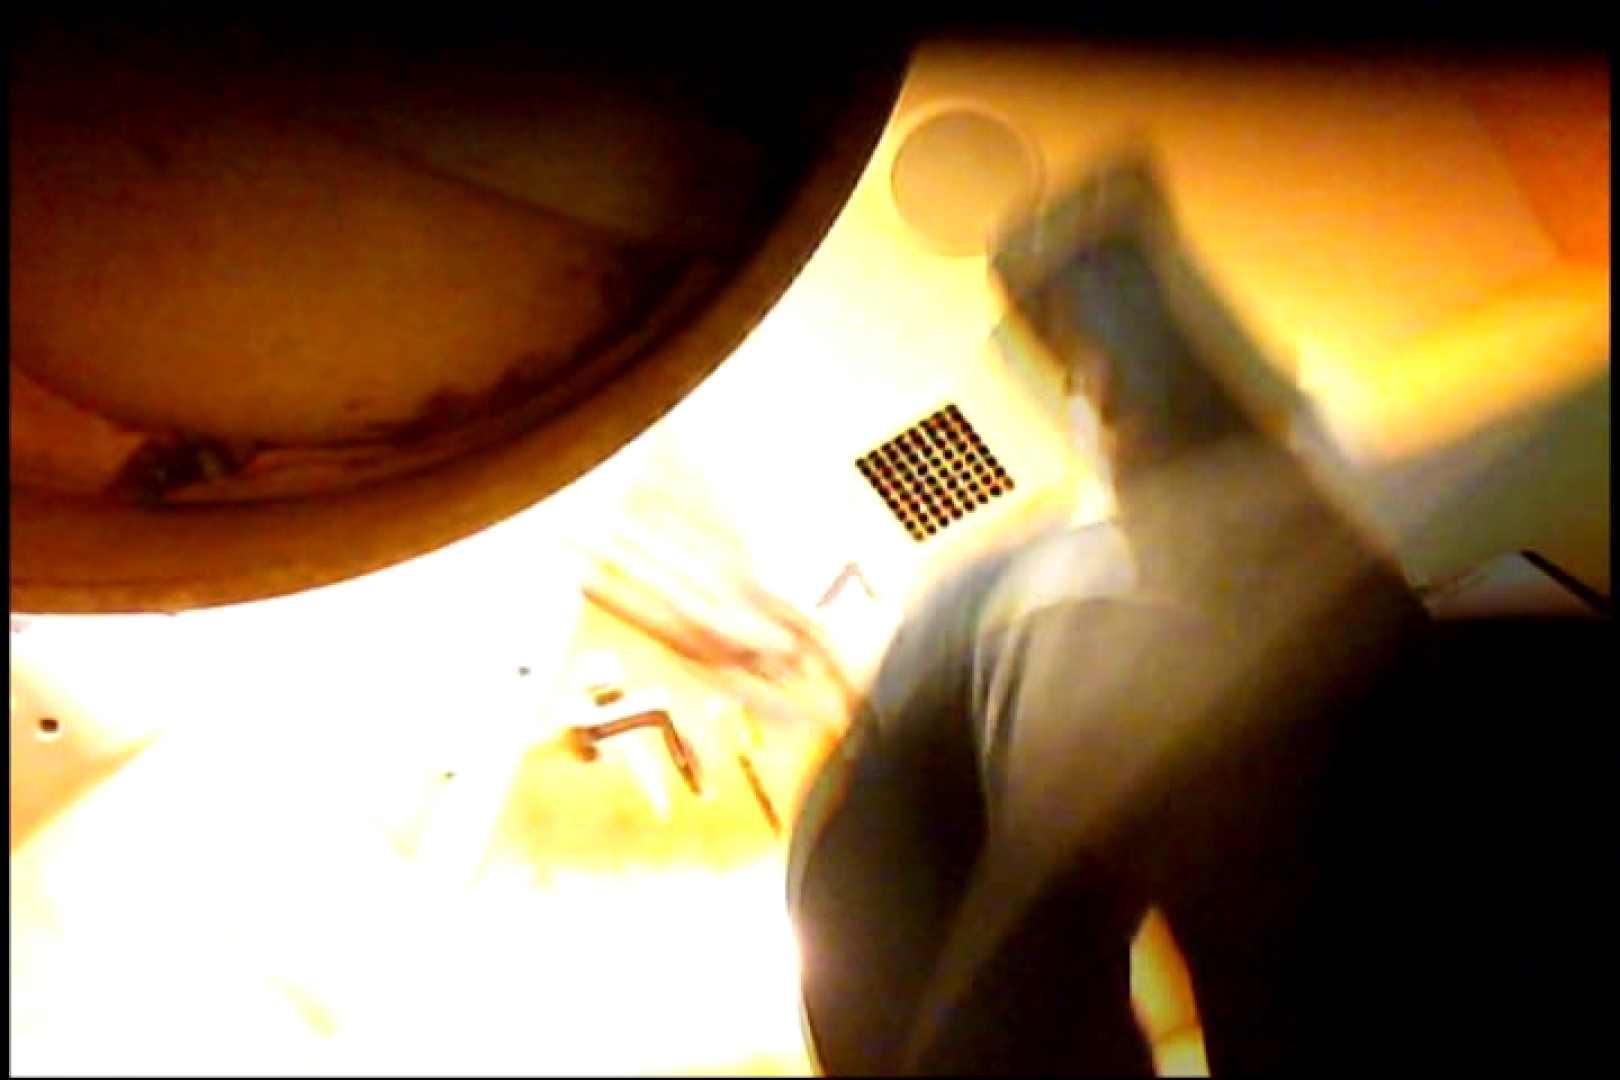 画質向上!新亀さん厠 vol.36 マンコエロすぎ エロ画像 94PIX 7